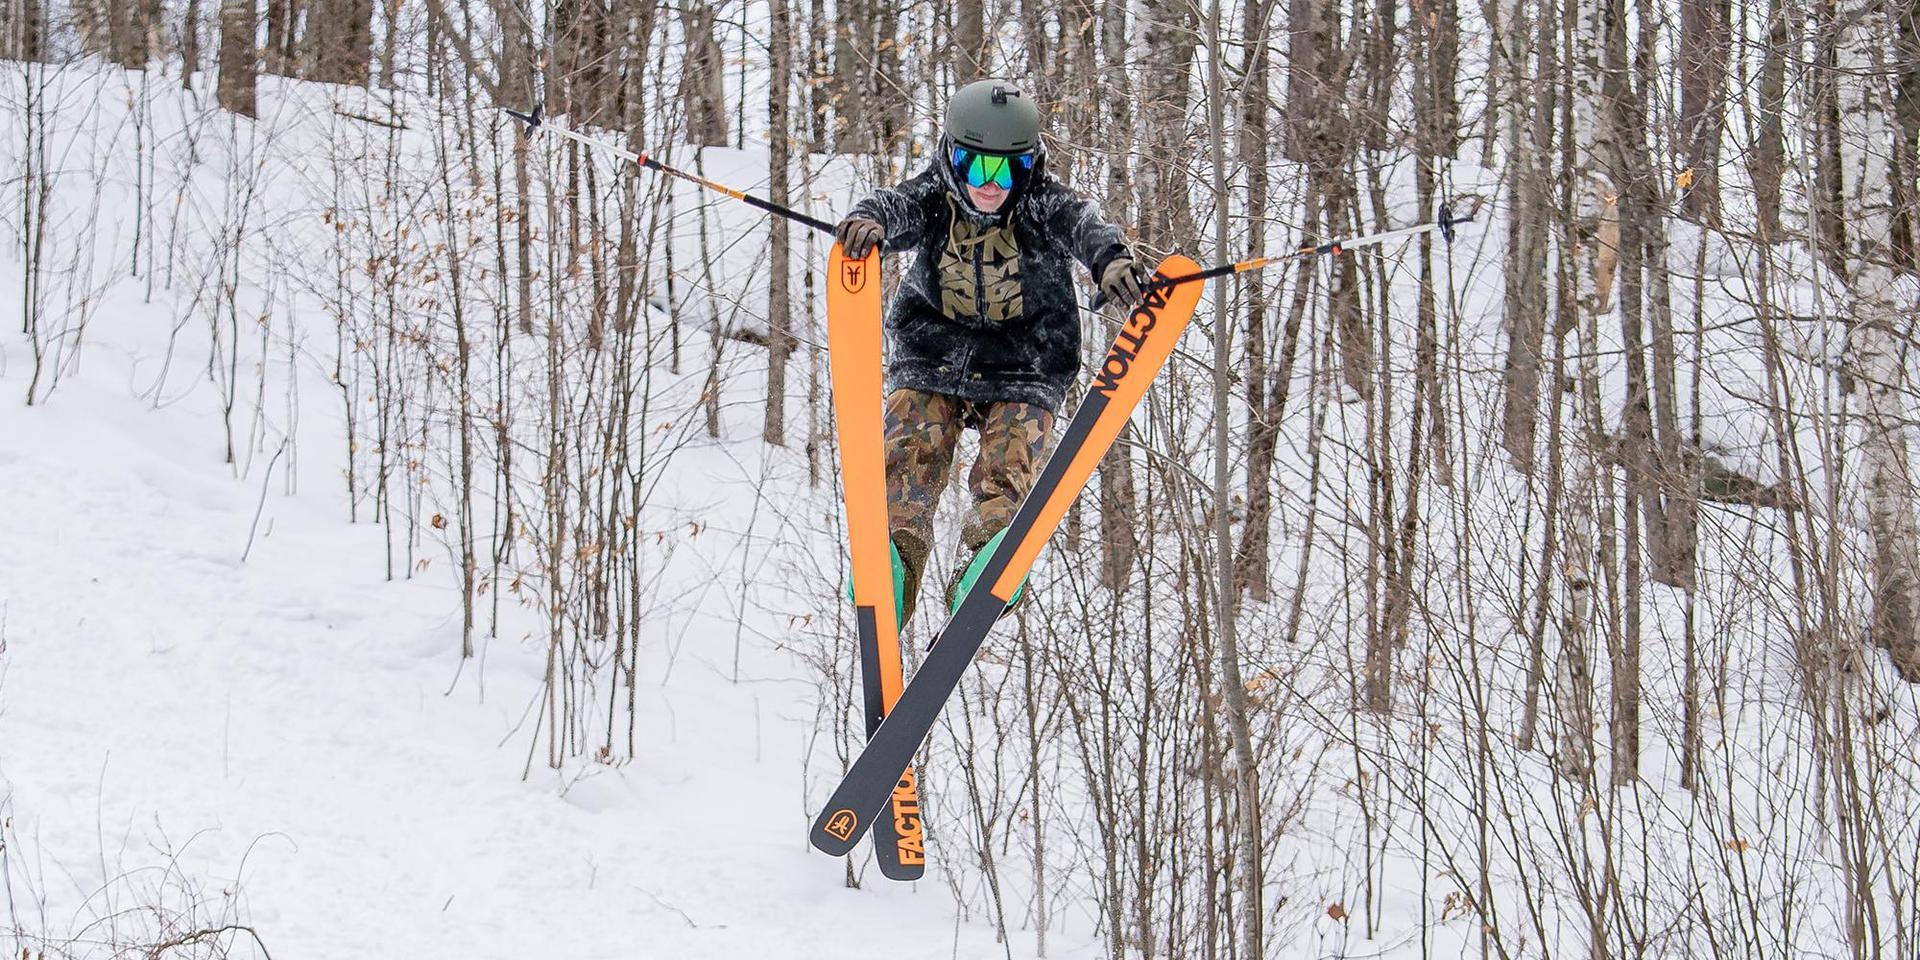 自由式滑雪运动员在空中大跳跃.